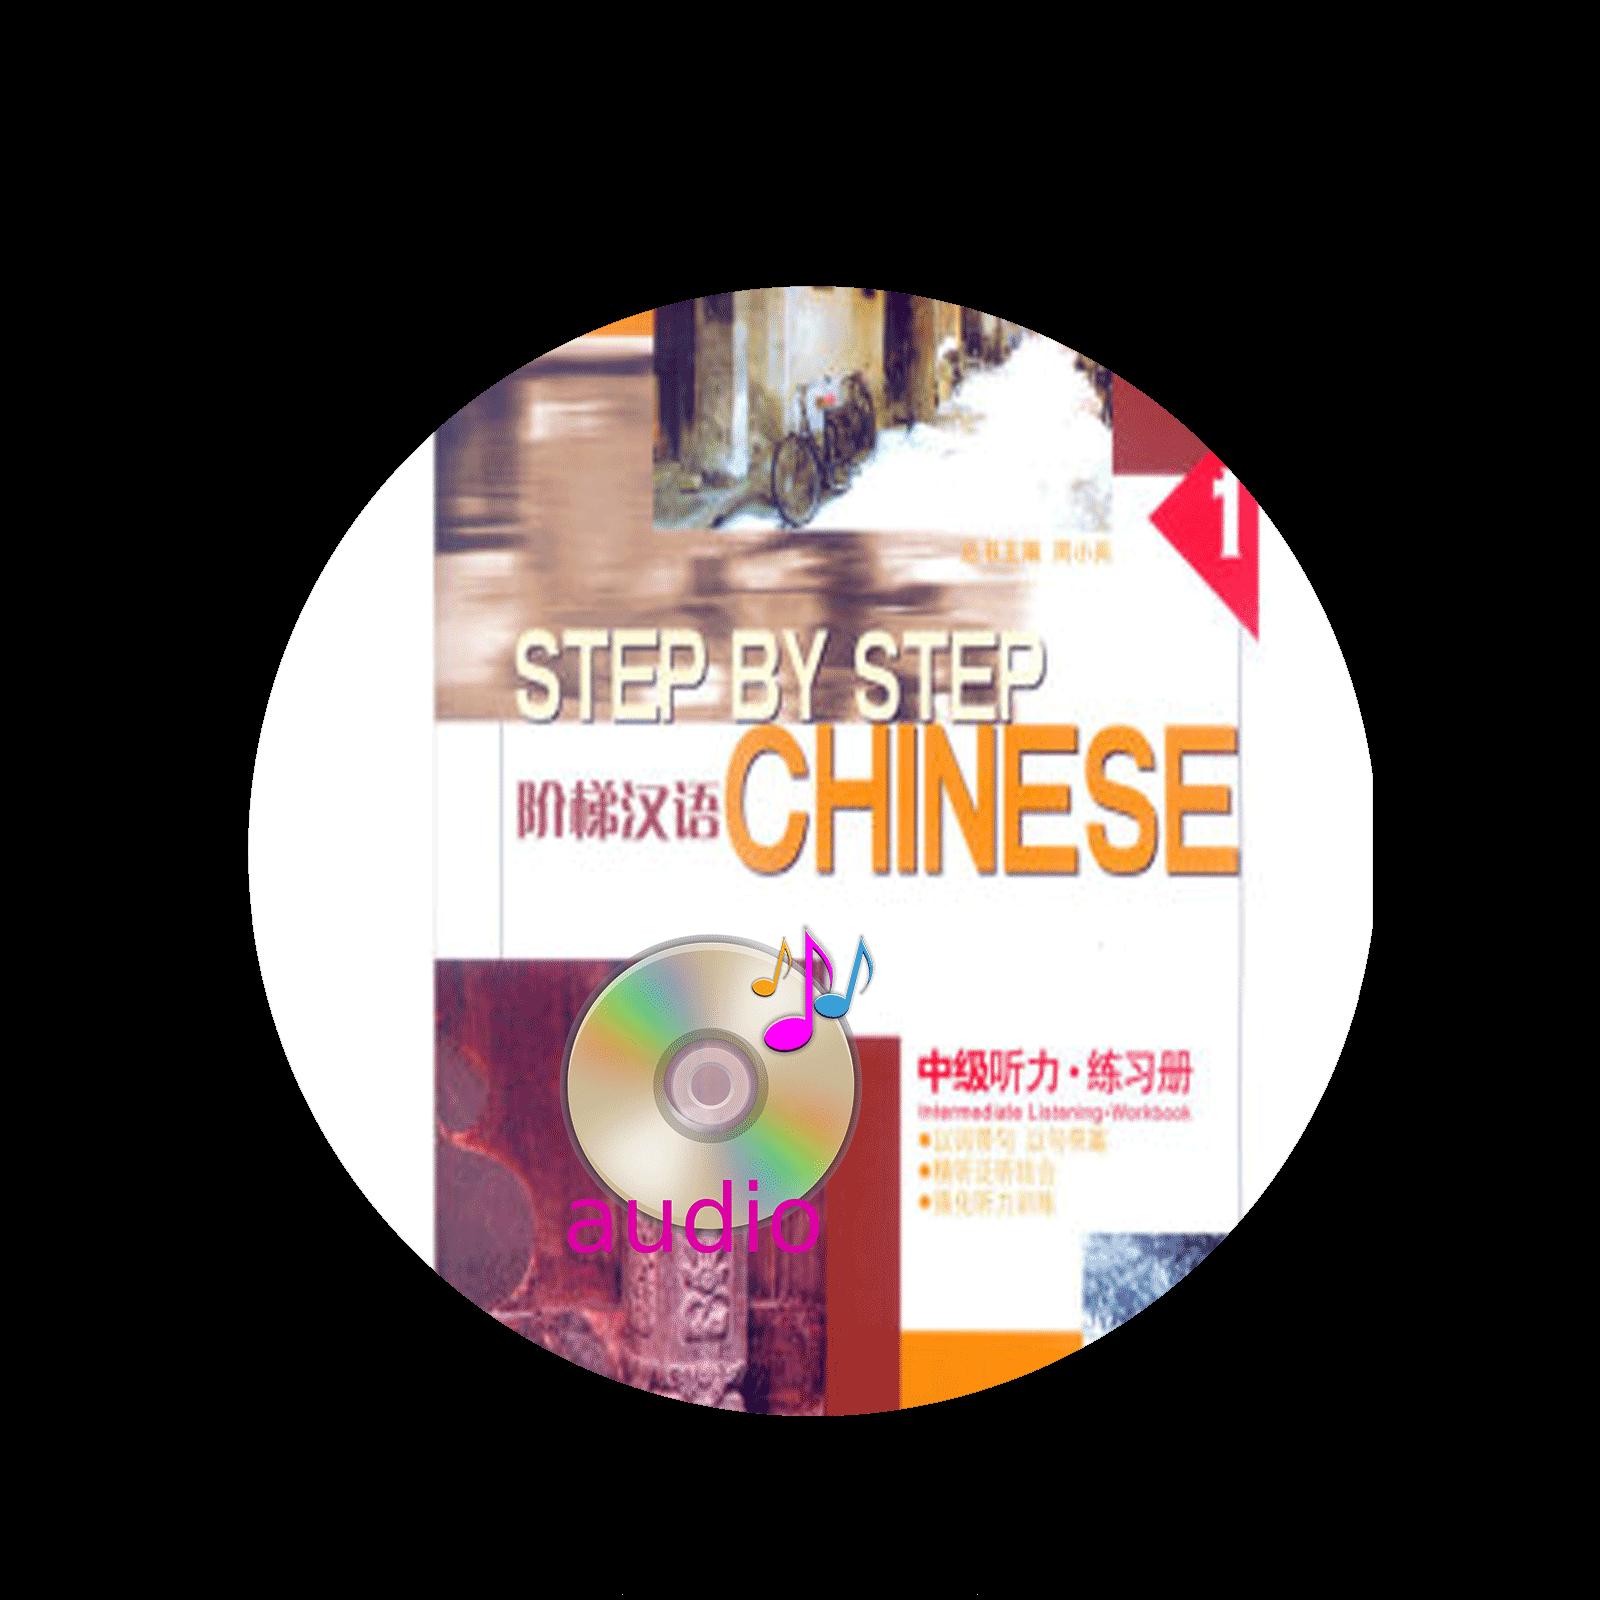 Jieti Hanyu Zhongji Tingli Lianxice 1 Audio